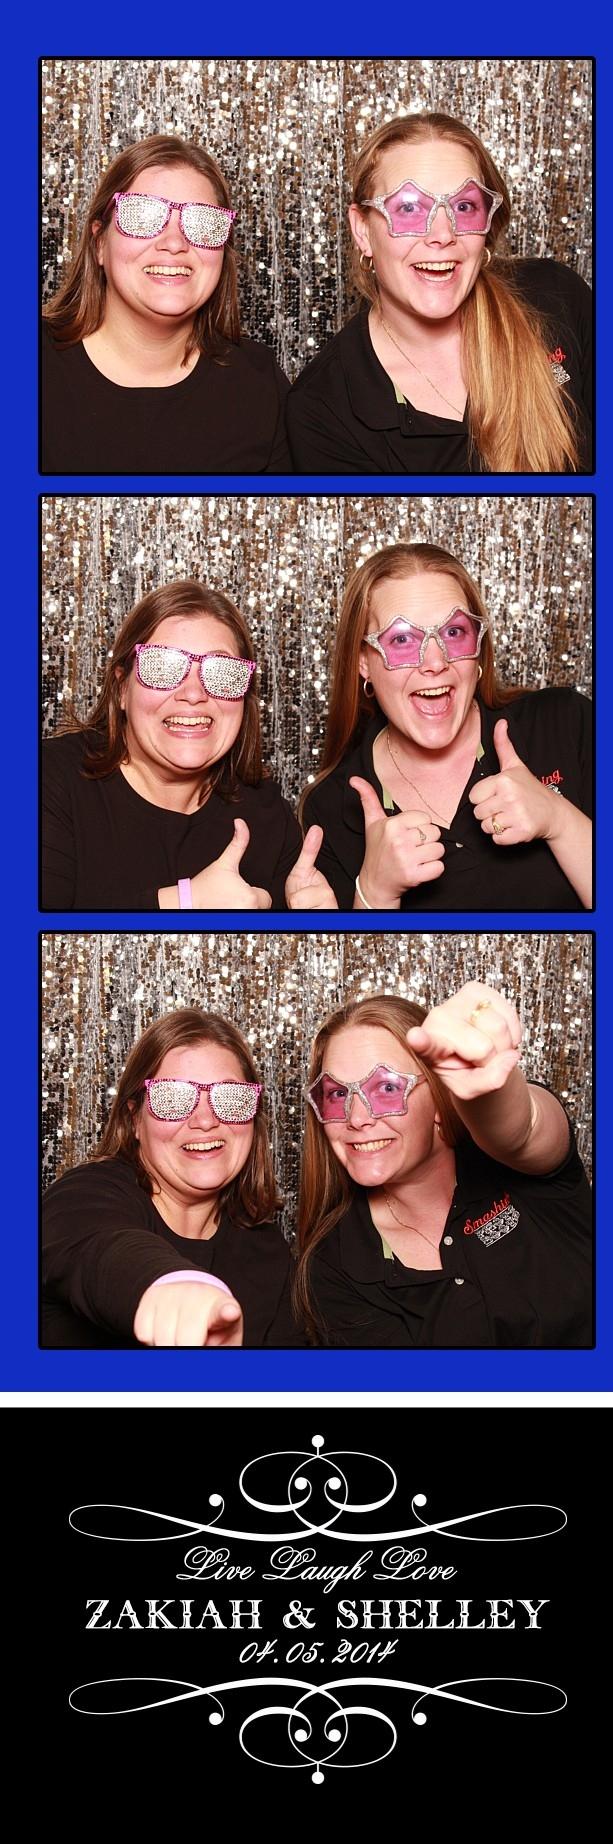 RI Weddings and Events weekend favorites